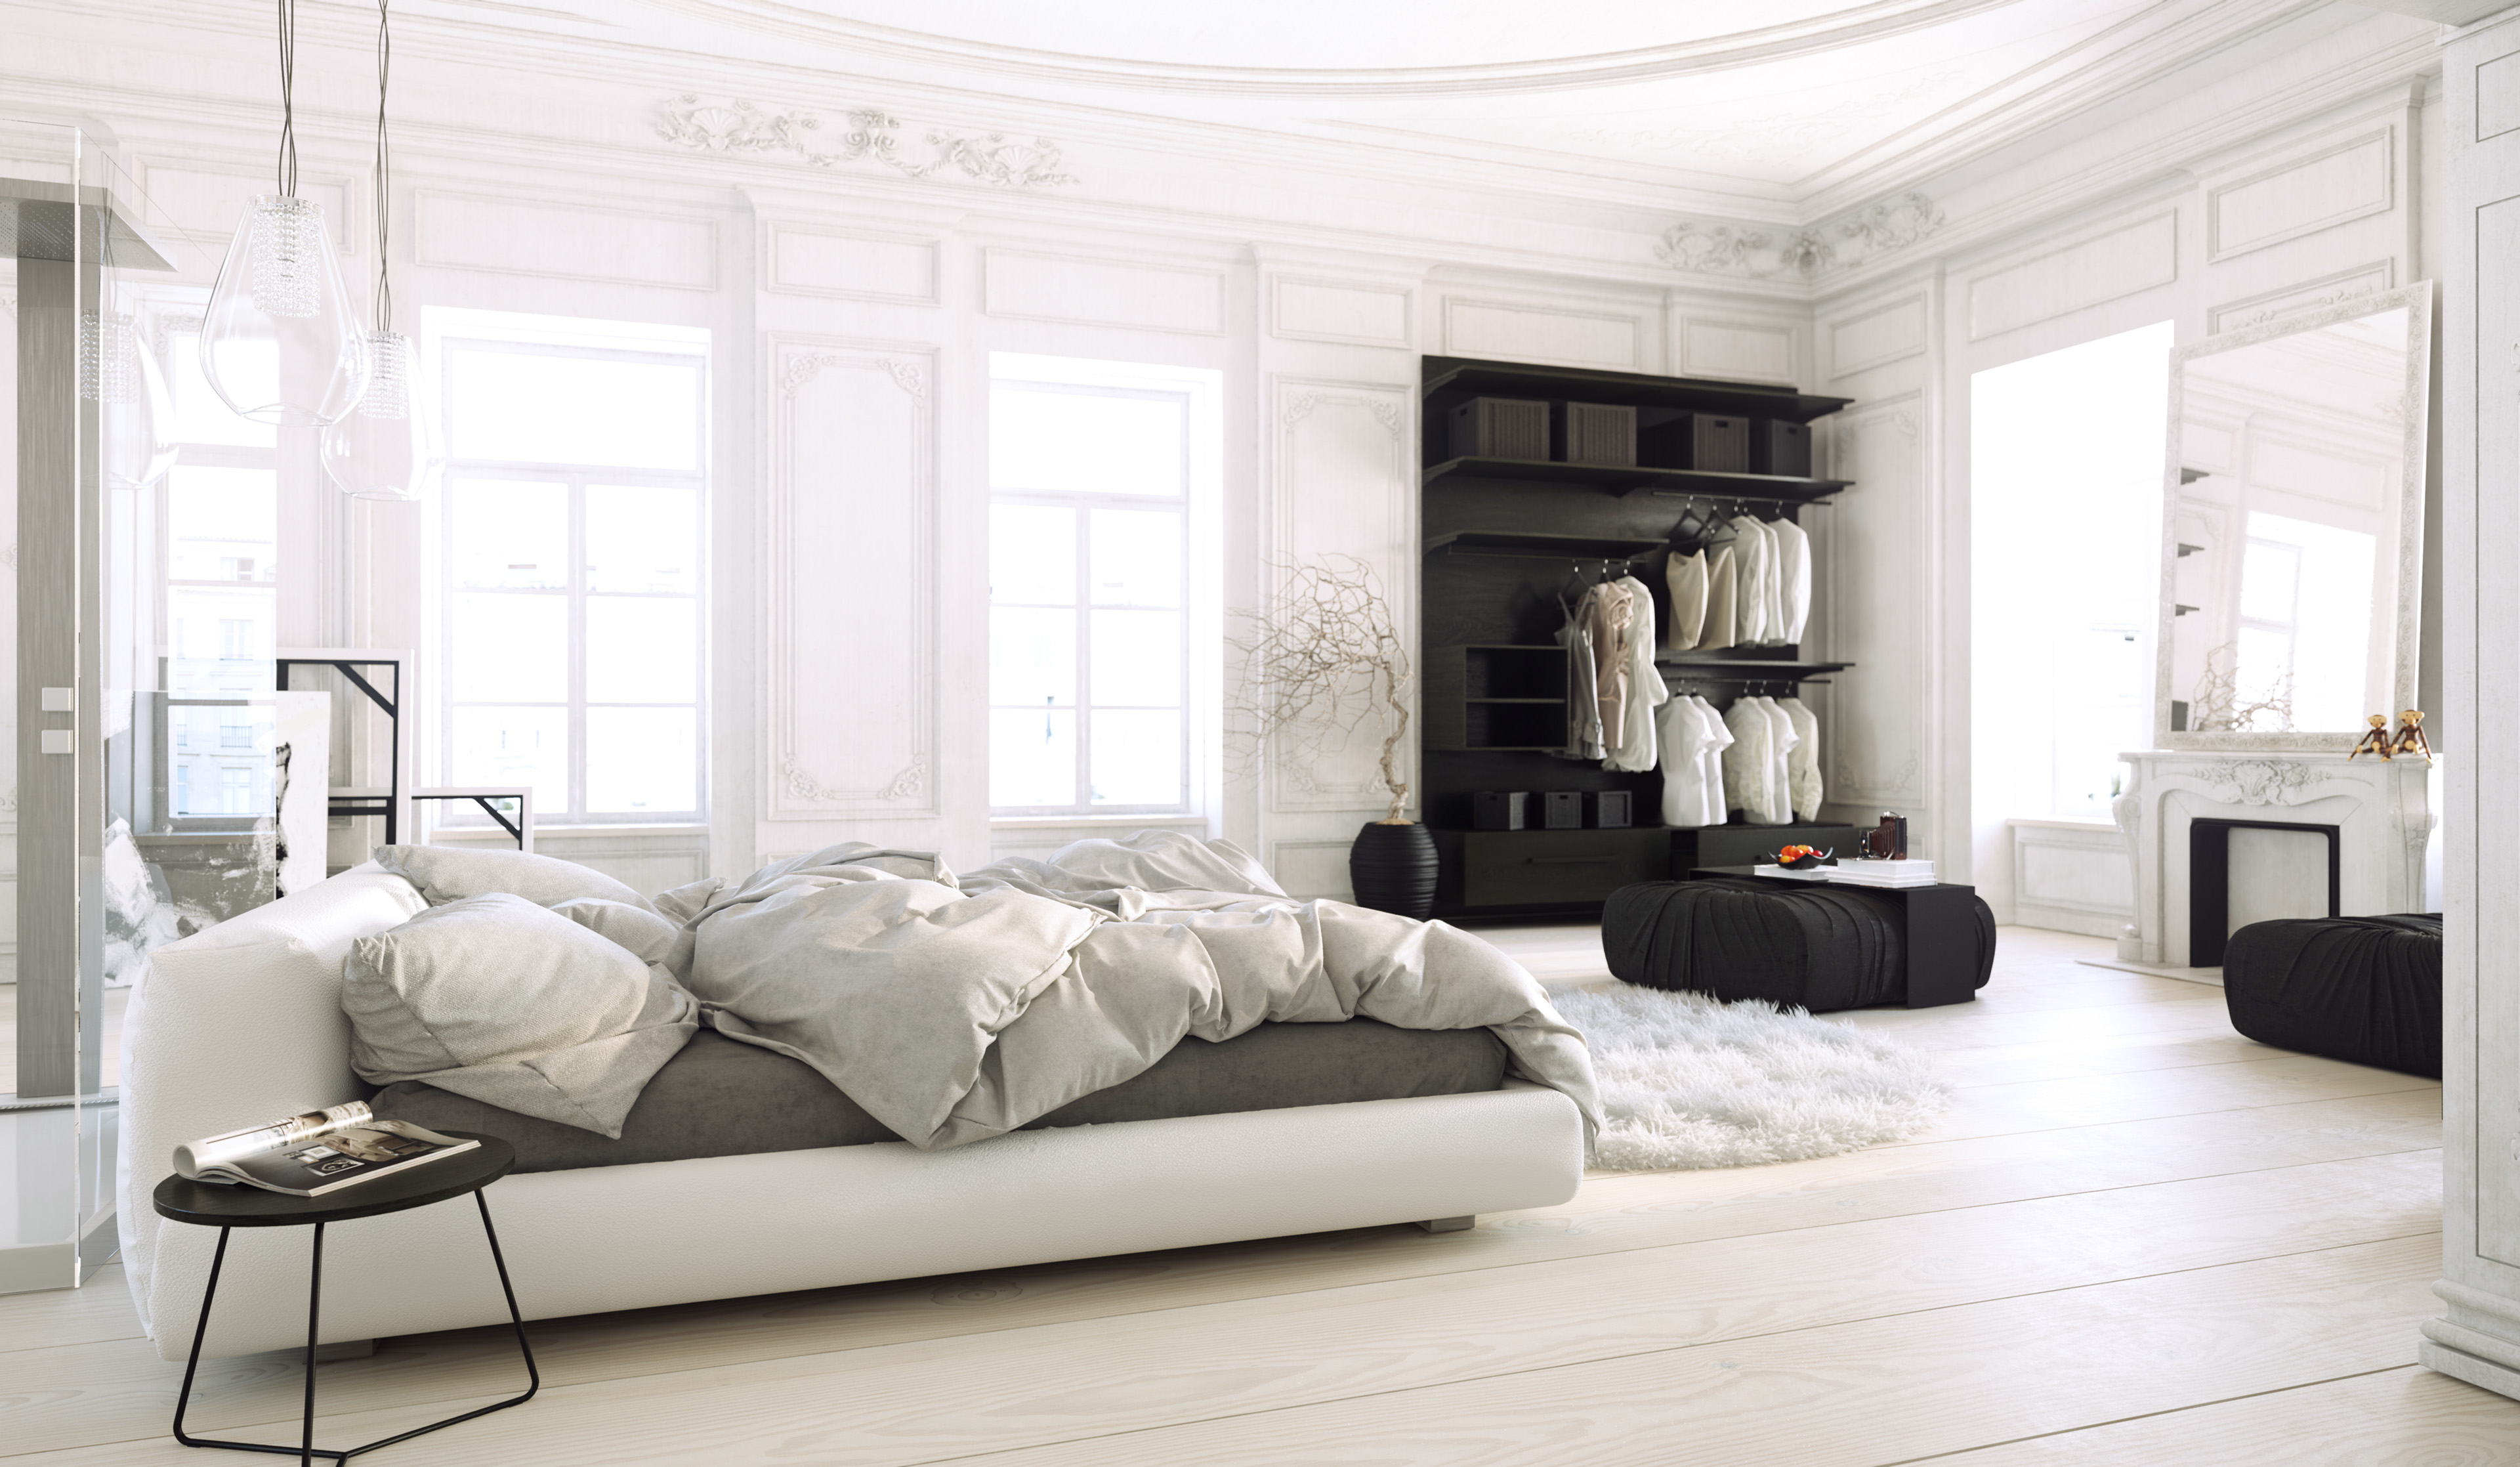 White Bedroom MarvelousDesigner tutorial for